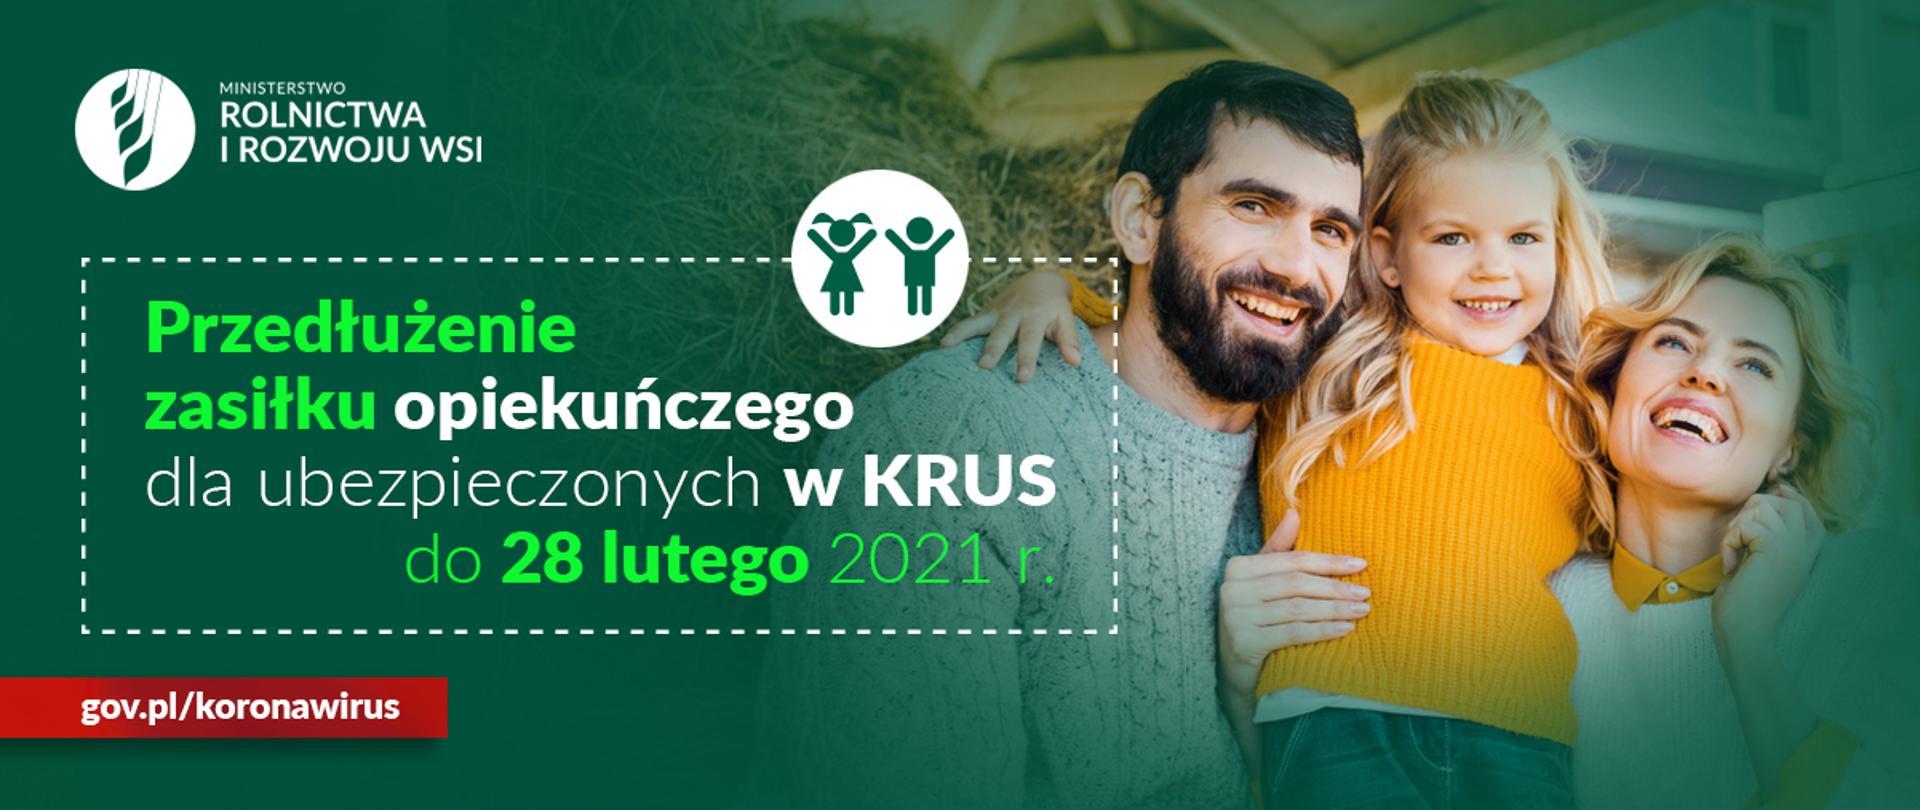 """grafika do komunikatu """"Zasiłek opiekuńczy dla ubezpieczonych w KRUS"""". Mężczyzna, dziecko i kobieta."""